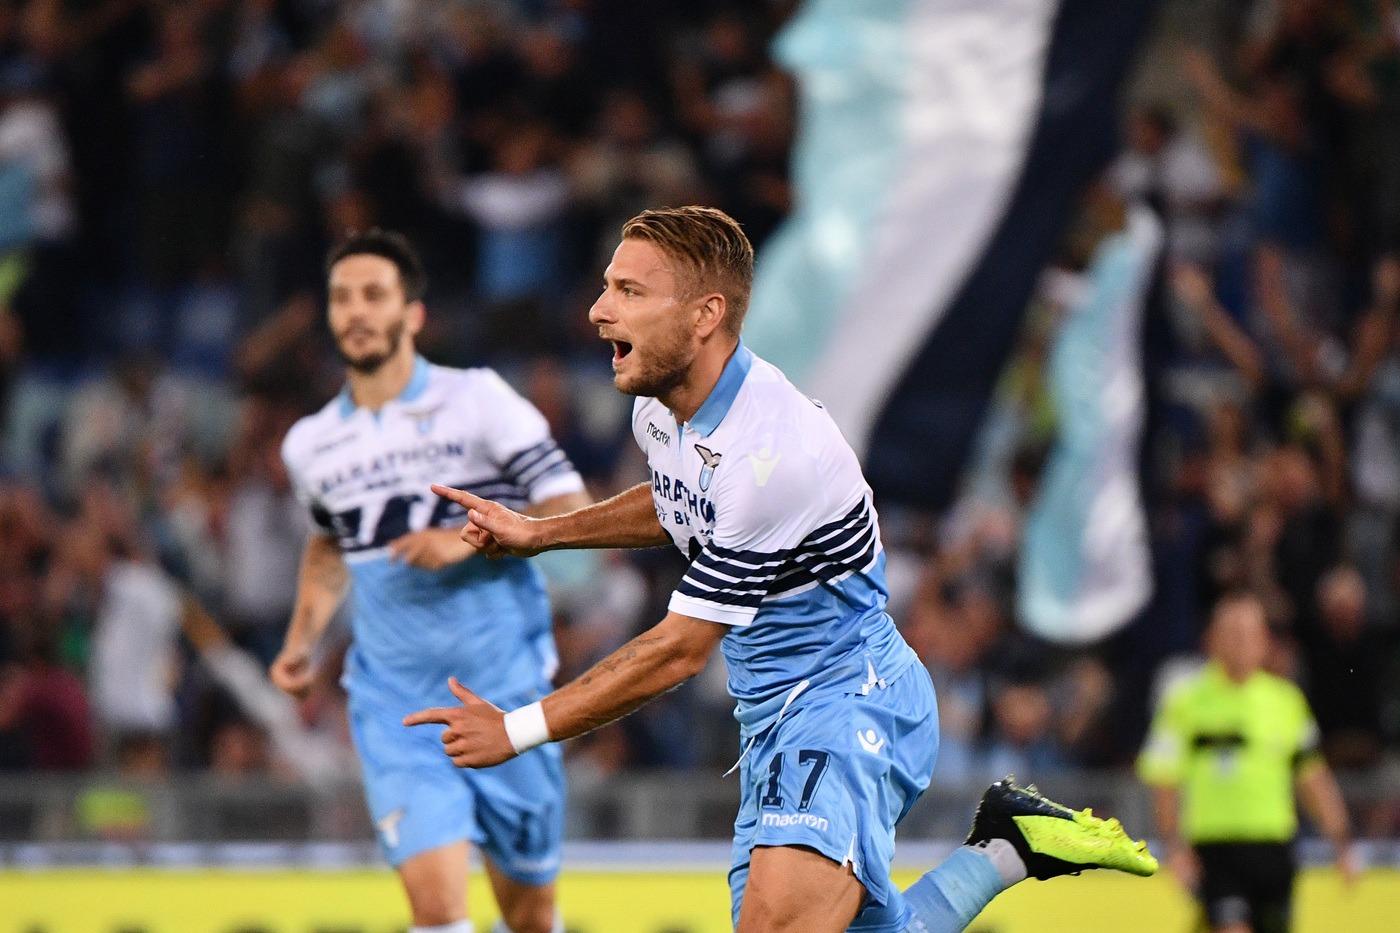 Lazio-Frosinone 2 settembre: match valido per la terza giornata di Serie A. La squadra di mister Inzaghi vuole i primi punti.